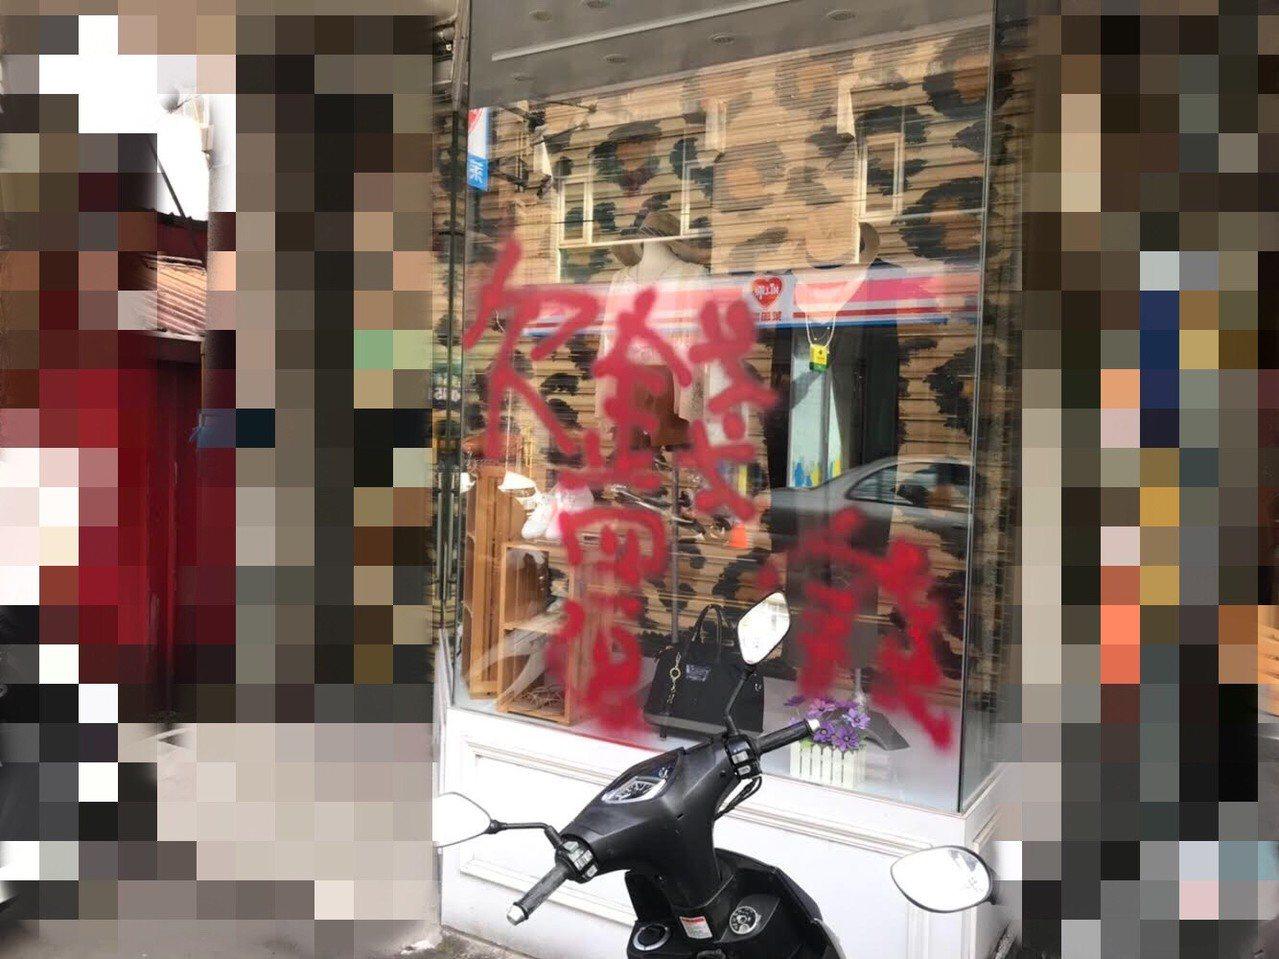 陳男在9月23日因遲未接獲相關承諾付現電話,便到林女家人住家噴漆「欠錢還錢」等字...